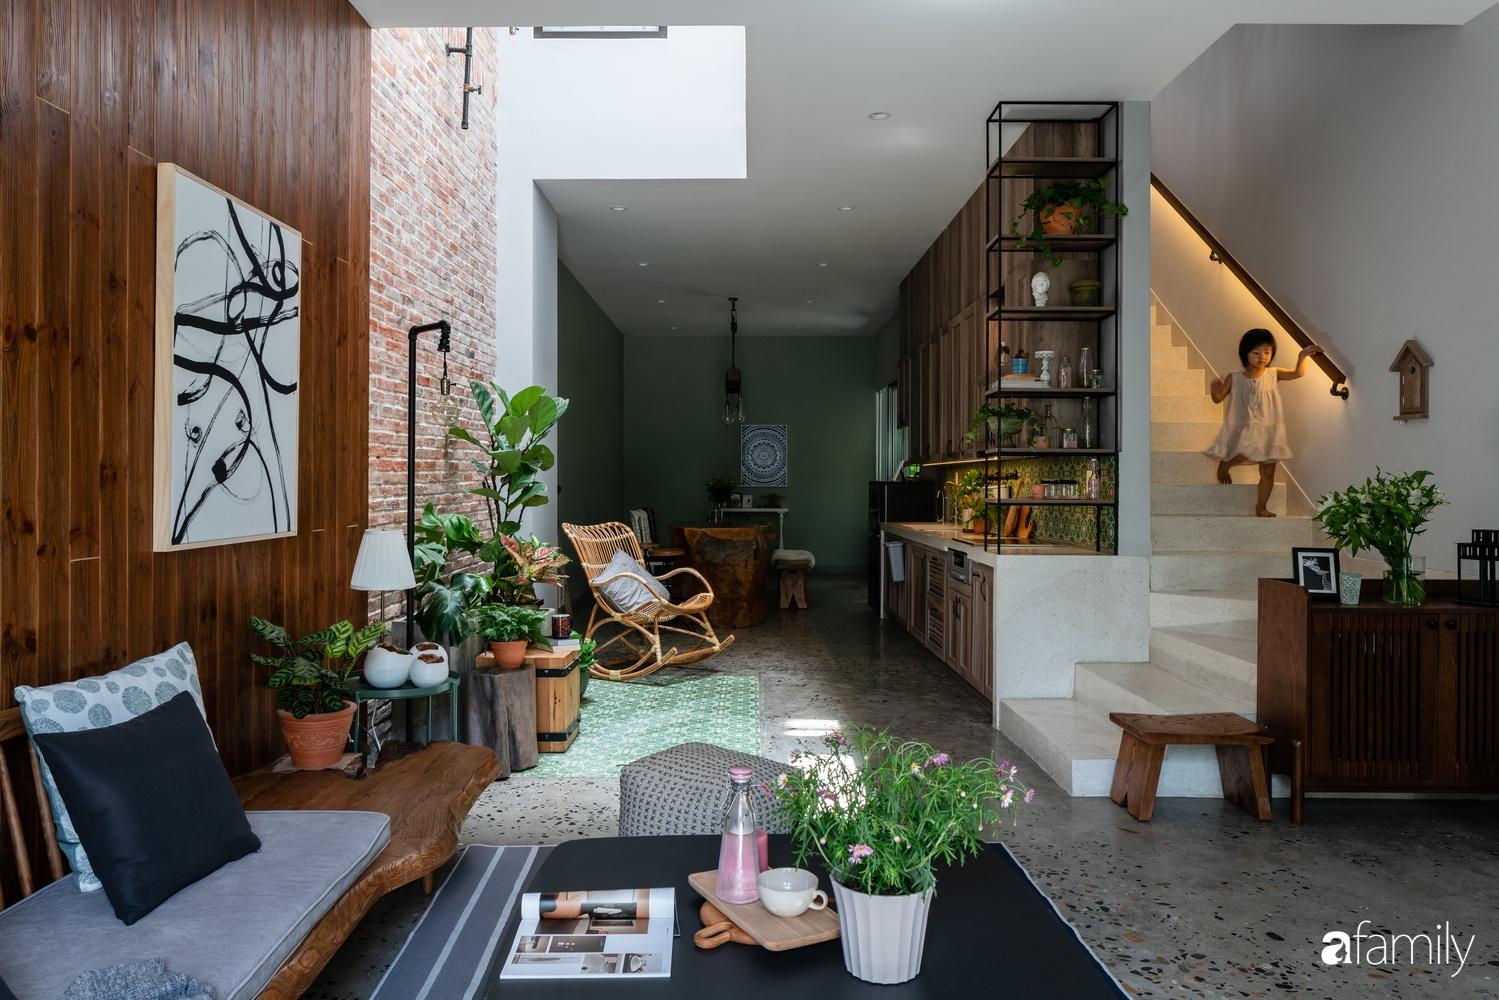 Ngôi nhà có kiến trúc độc đáo giàu tính nghệ thuật đẹp yên bình, mộc mạc giữa trung tâm thành phố Đà Nẵng - Ảnh 4.